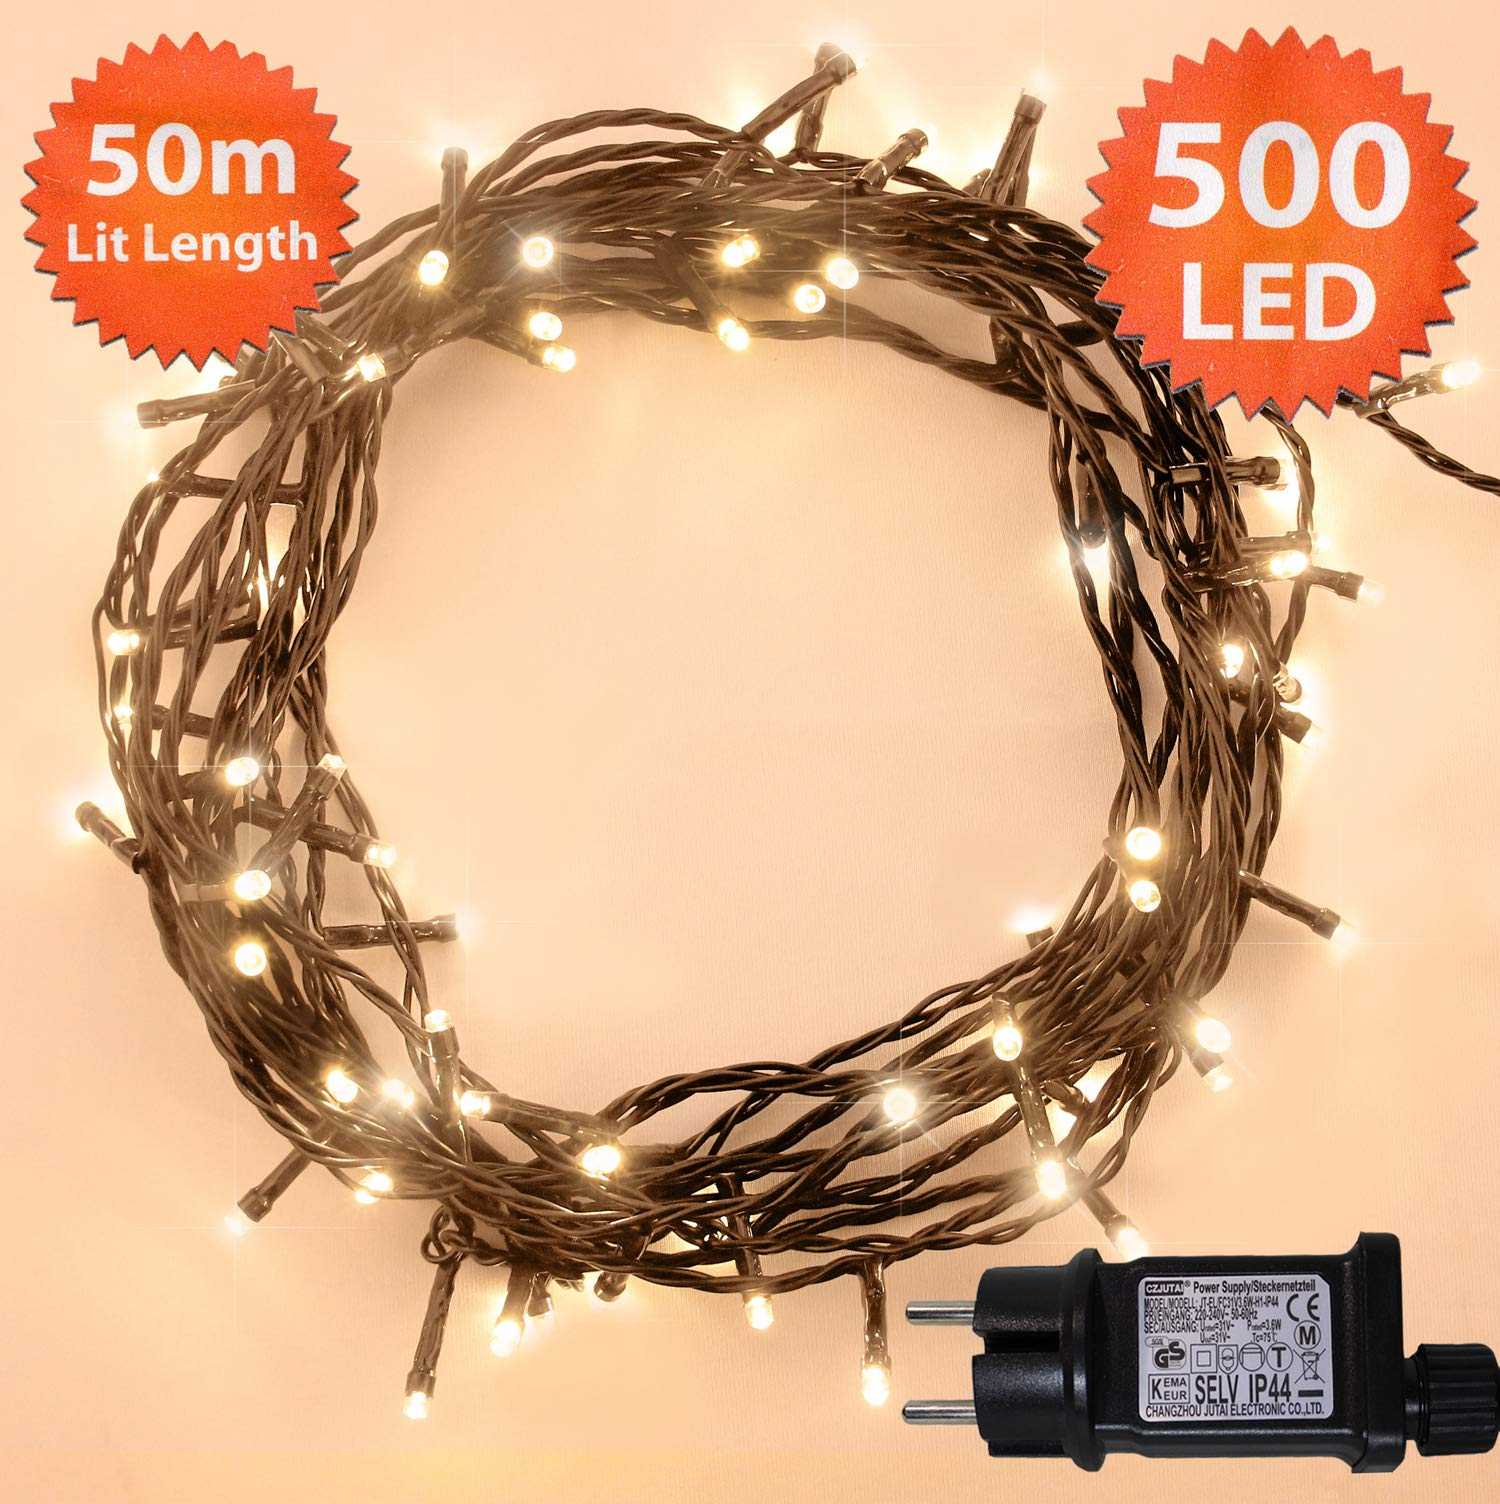 Fata luci di Natale 500 LED bianco caldo Albero luci Interni ed esterni uso  memoria   timer funzioni de96ca47867